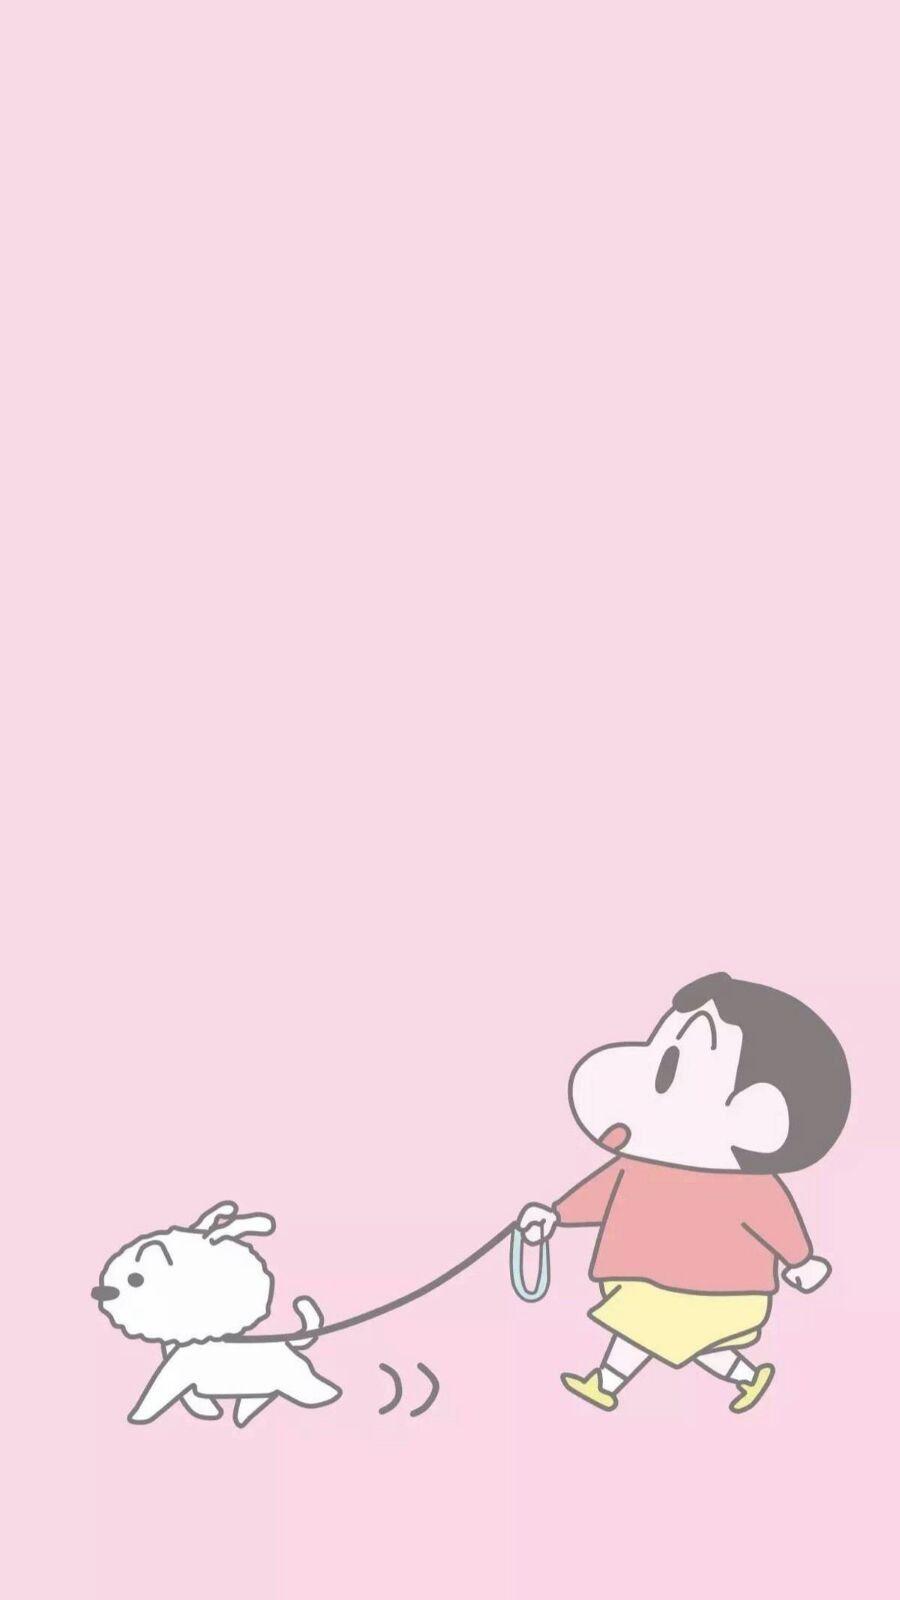 クレヨンしんちゃん 壁紙 可愛い